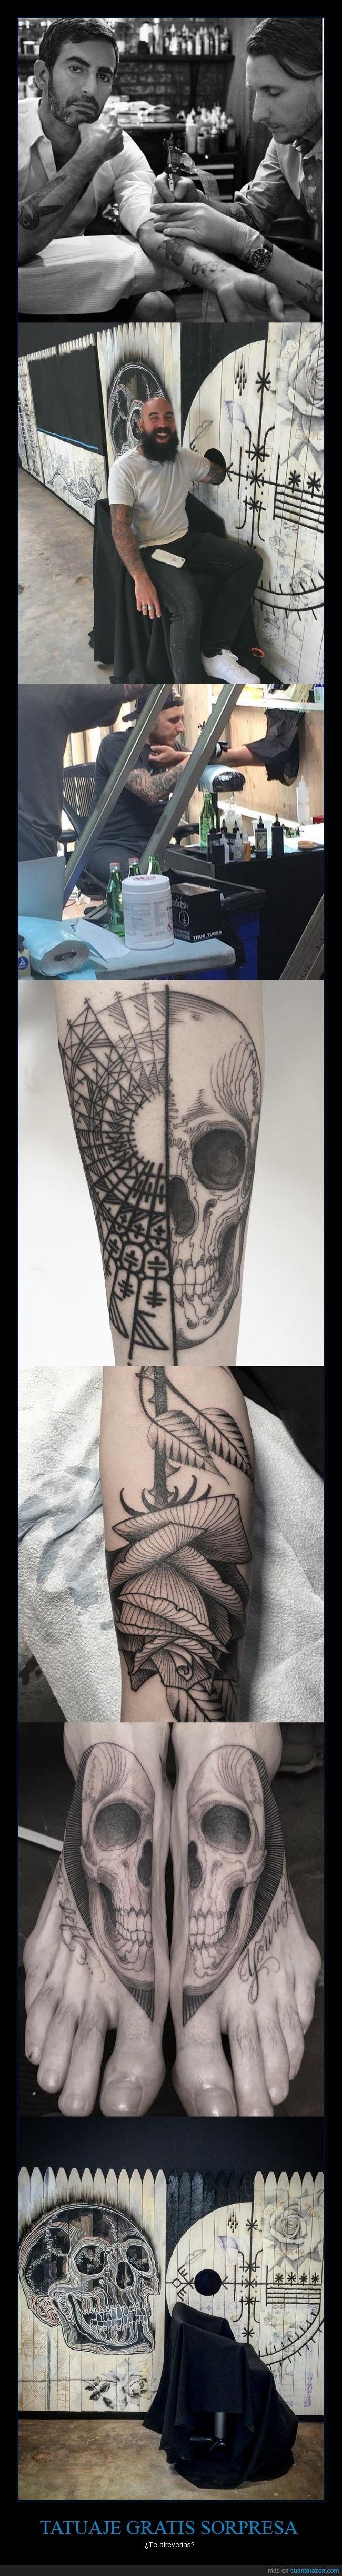 Famoso tatuador ofrece tatuajes gratis pero tienen que ser sorpresa - ¿Te atreverías?   Gracias a http://www.cuantarazon.com/   Si quieres leer la noticia completa visita: http://www.estoy-aburrido.com/famoso-tatuador-ofrece-tatuajes-gratis-pero-tienen-que-ser-sorpresa-te-atreverias/